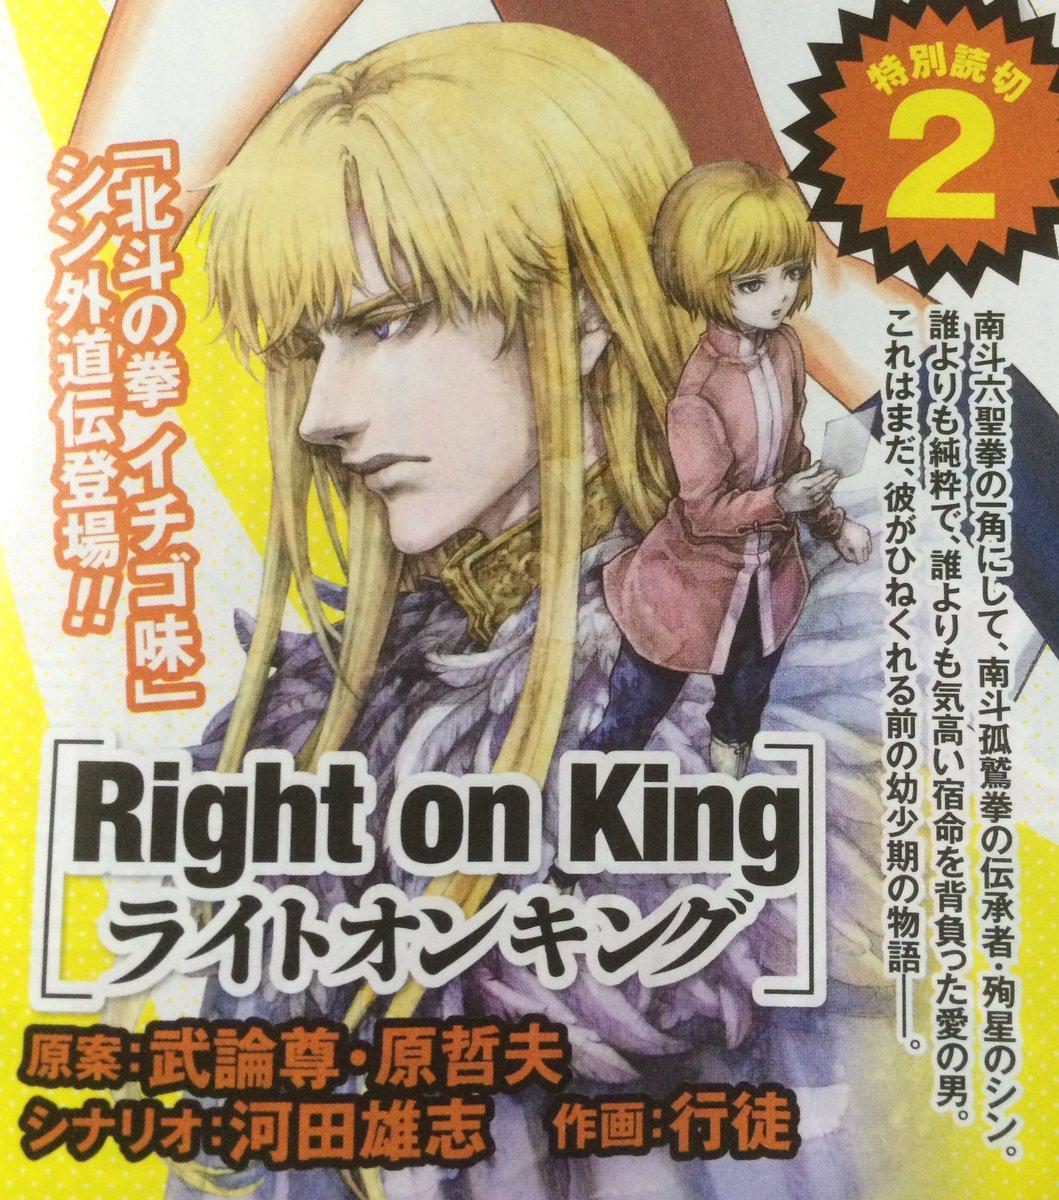 8月25日発売のコミックゼノン10月号に「北斗の拳イチゴ味  シン外道伝」が掲載されます。何卒よろしくお願い致します。